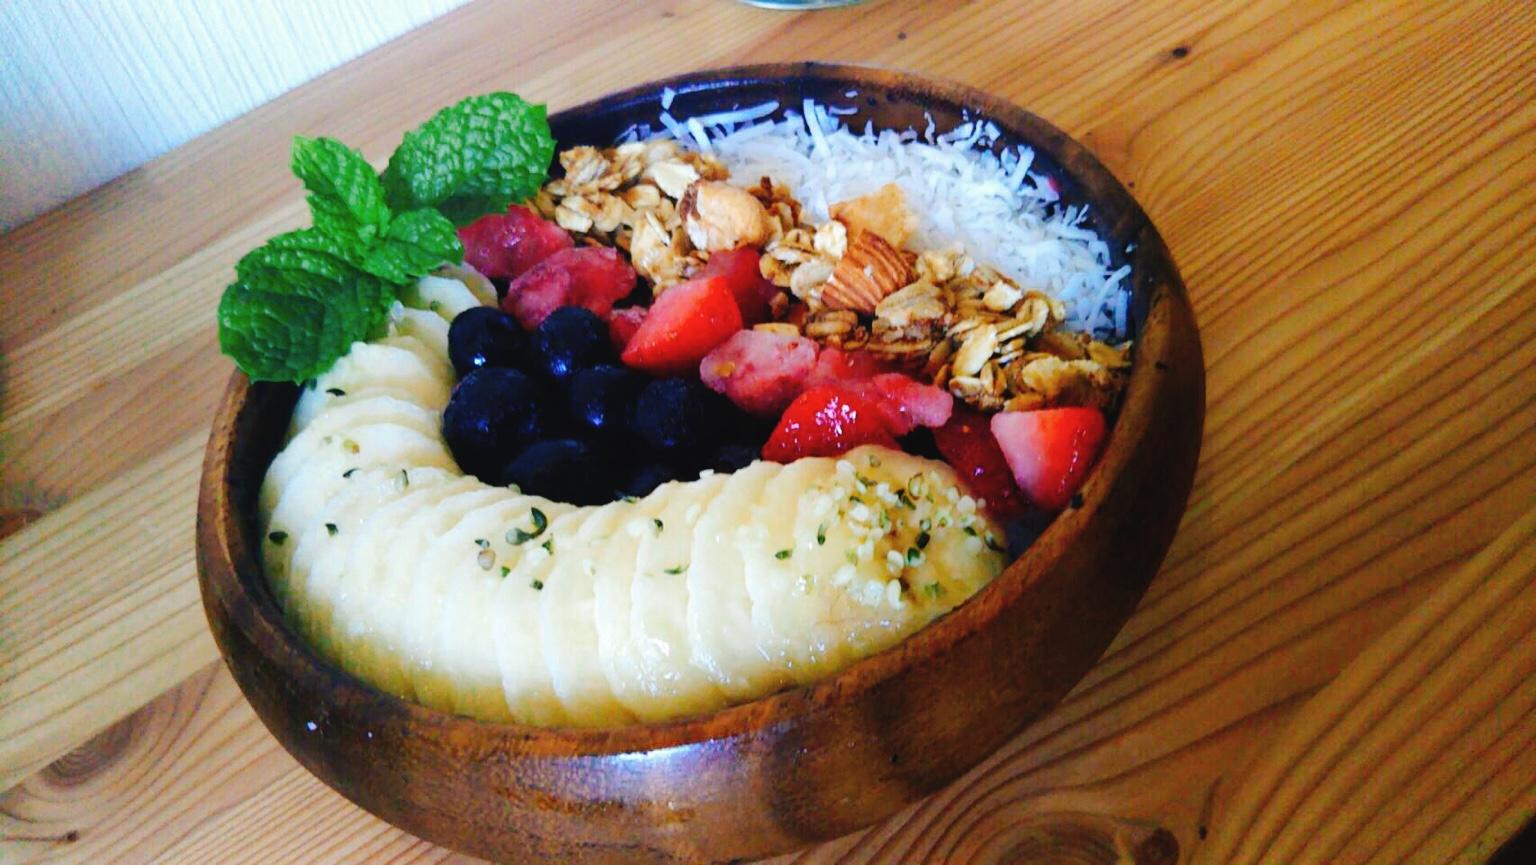 ベジタリアンカフェルーニー!スーパーフードが食べられる盛岡のカフェ